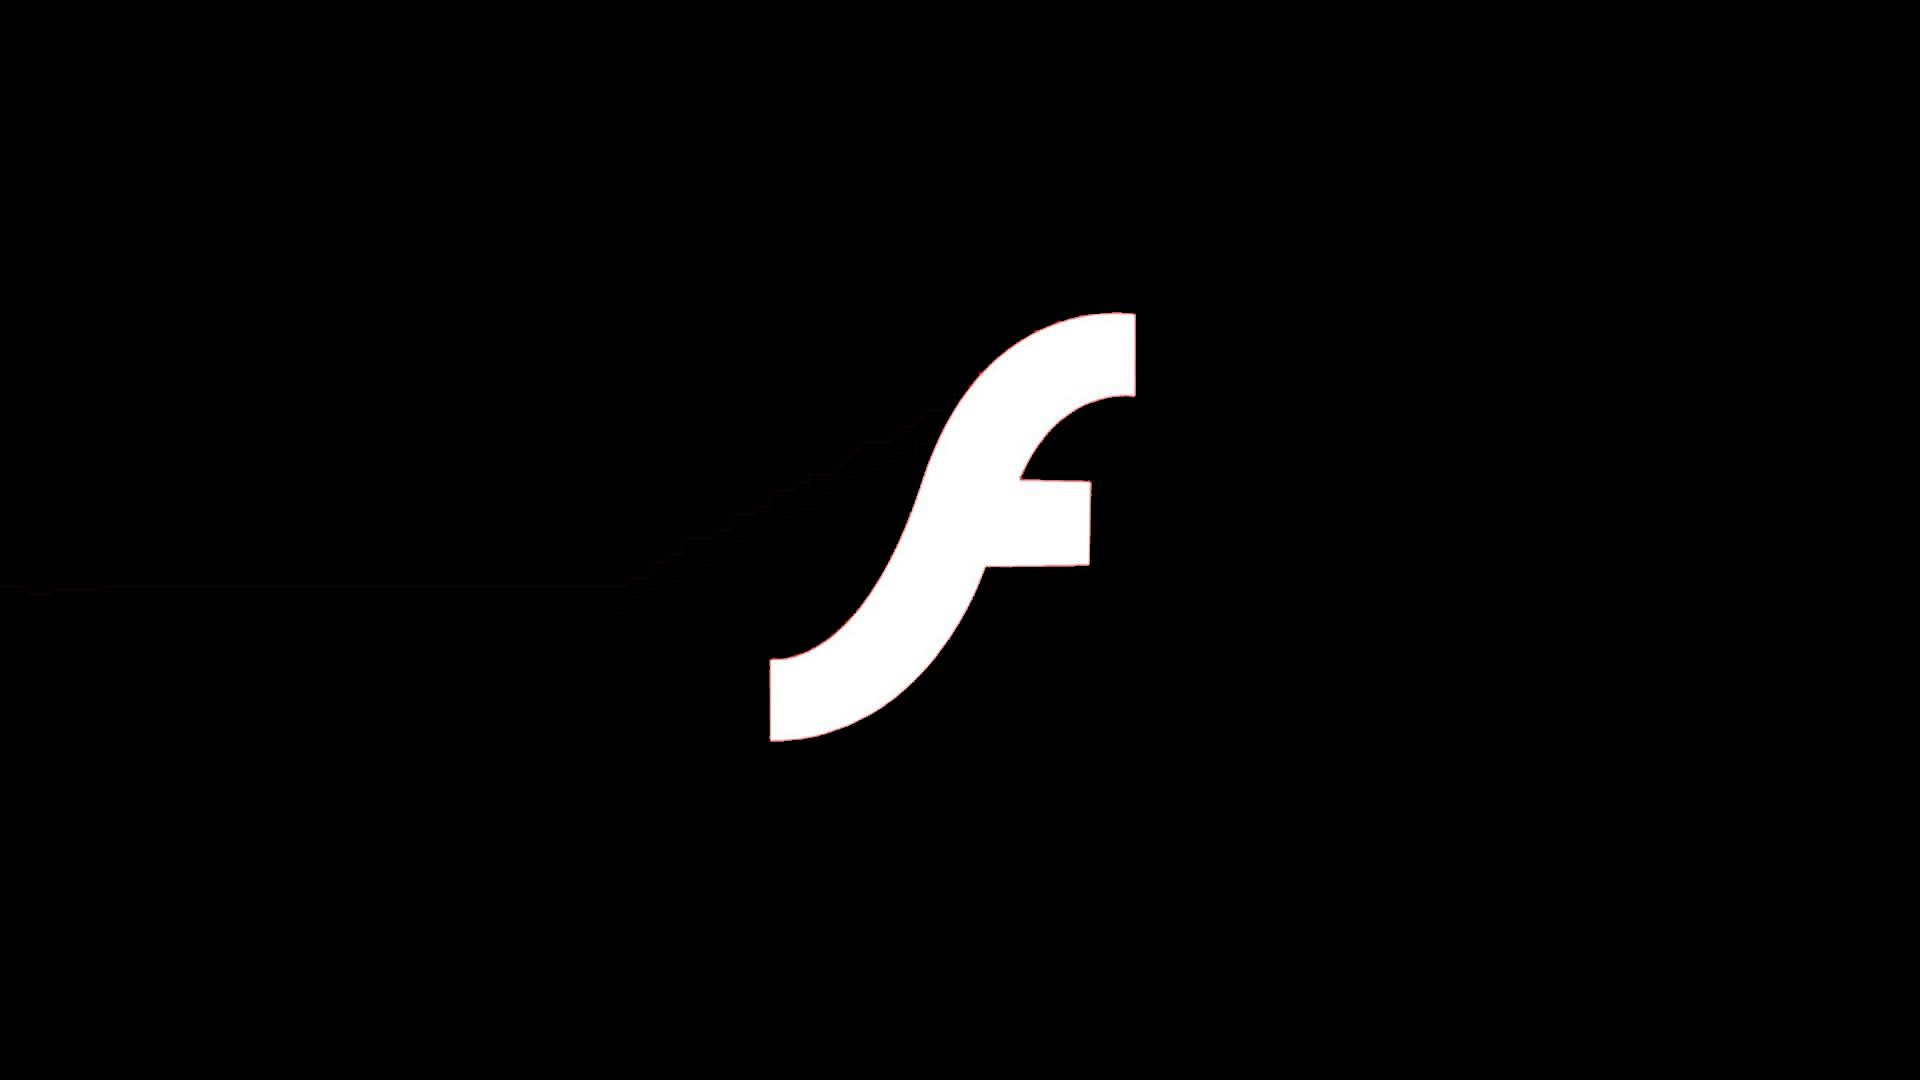 Показ Flash-контента будет заблокирован 12 января 2021 года